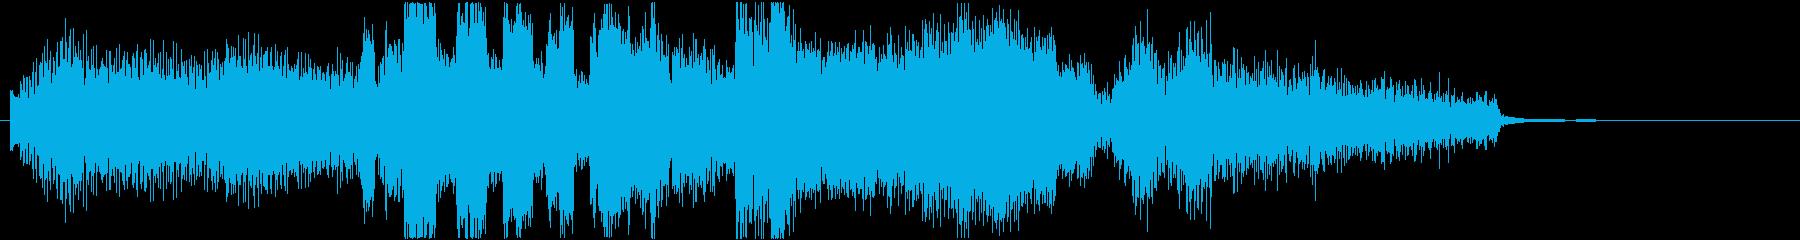 サックスとエレピの大人のジングル12秒の再生済みの波形